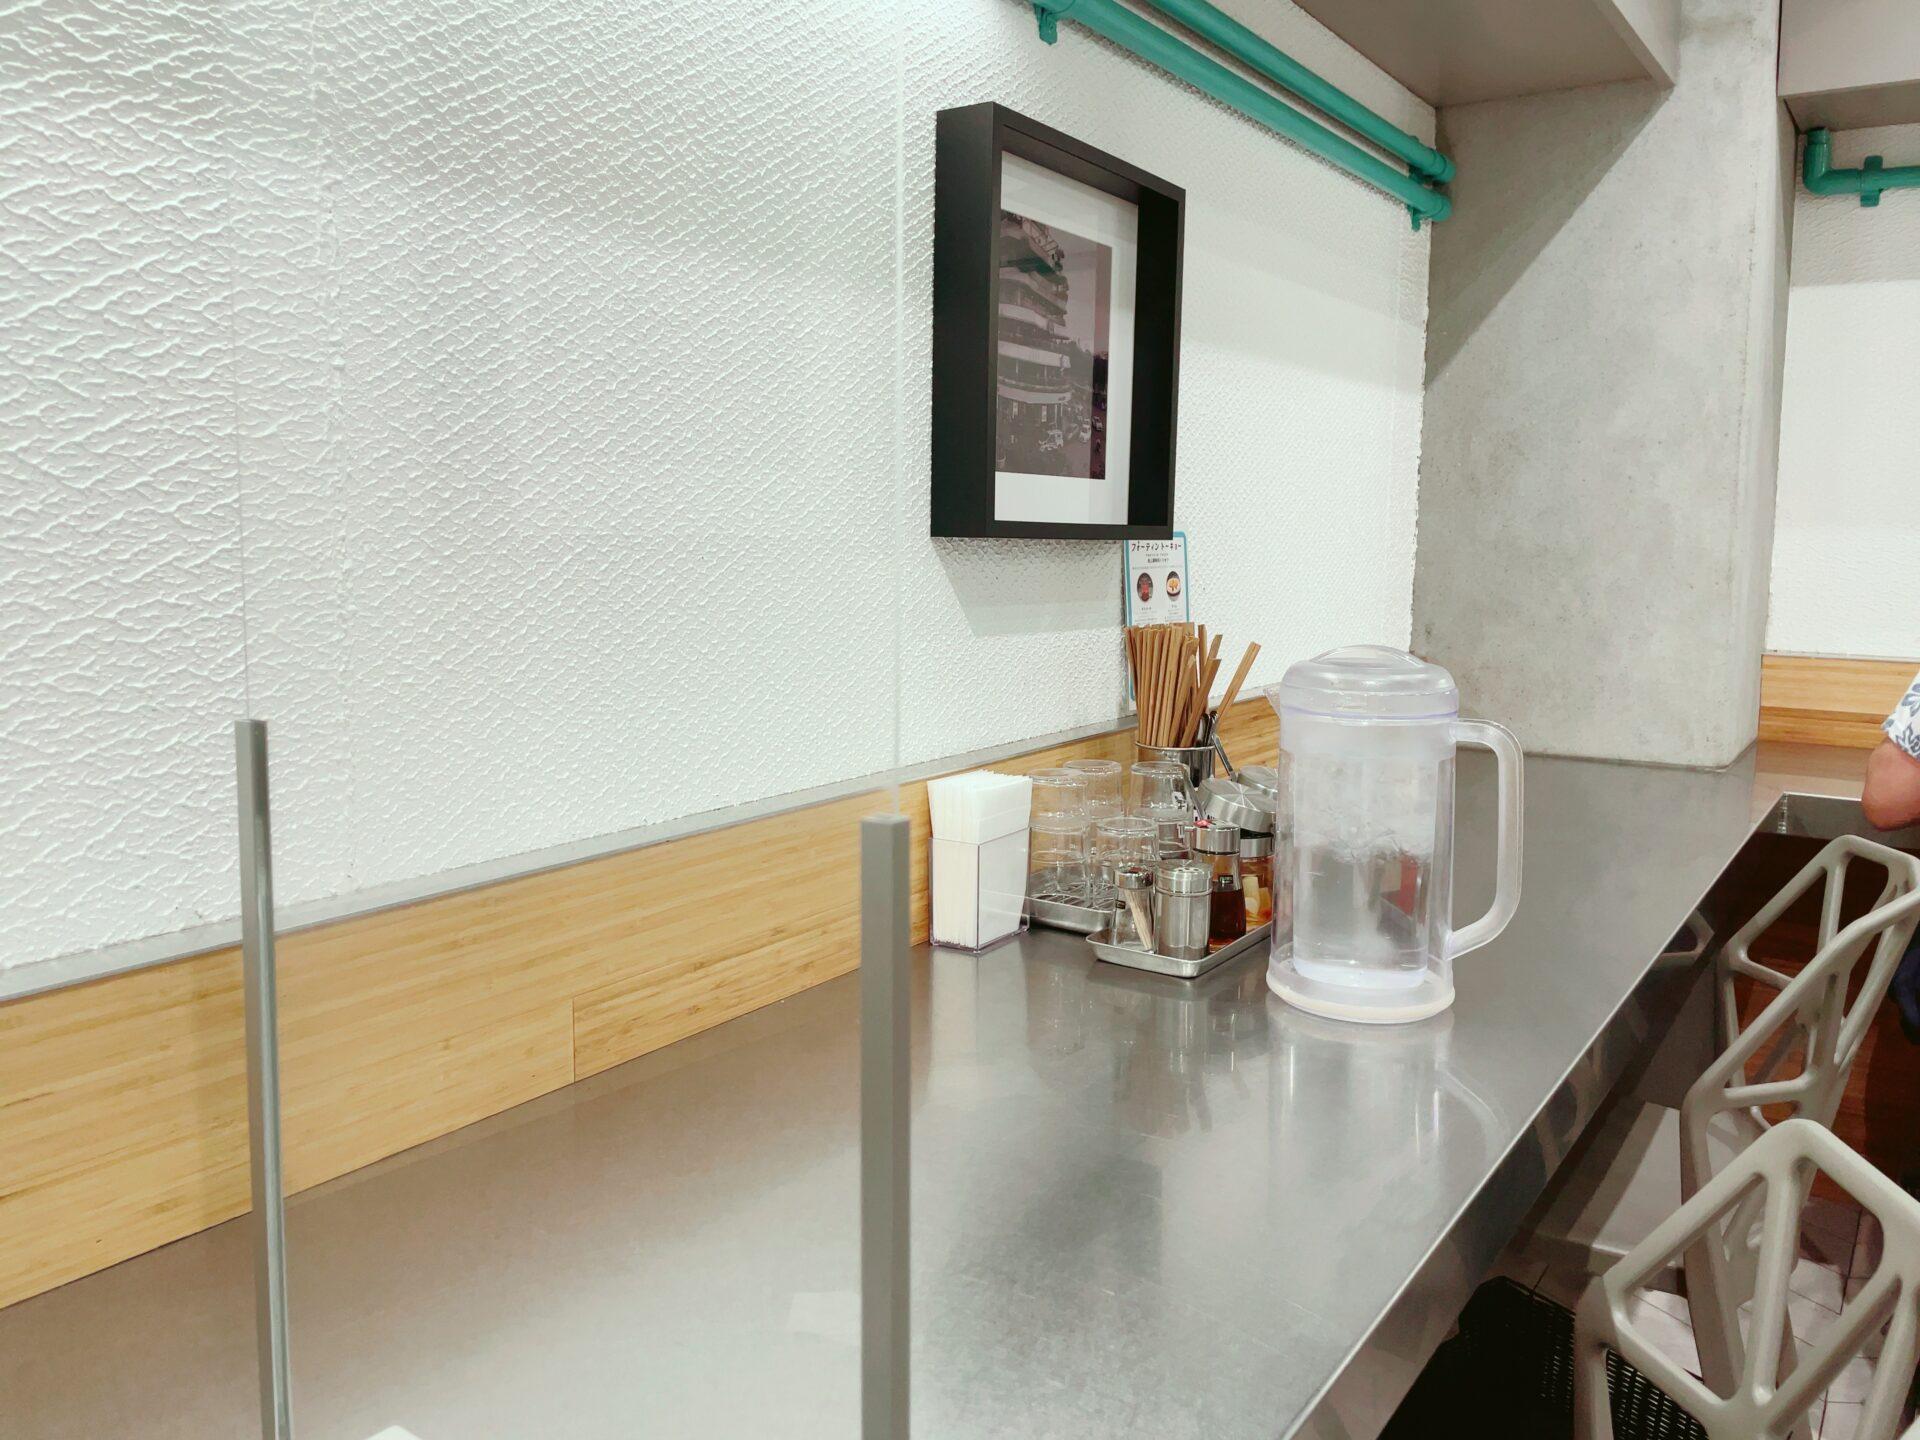 フォーティントーキョー 新宿店のカウンター